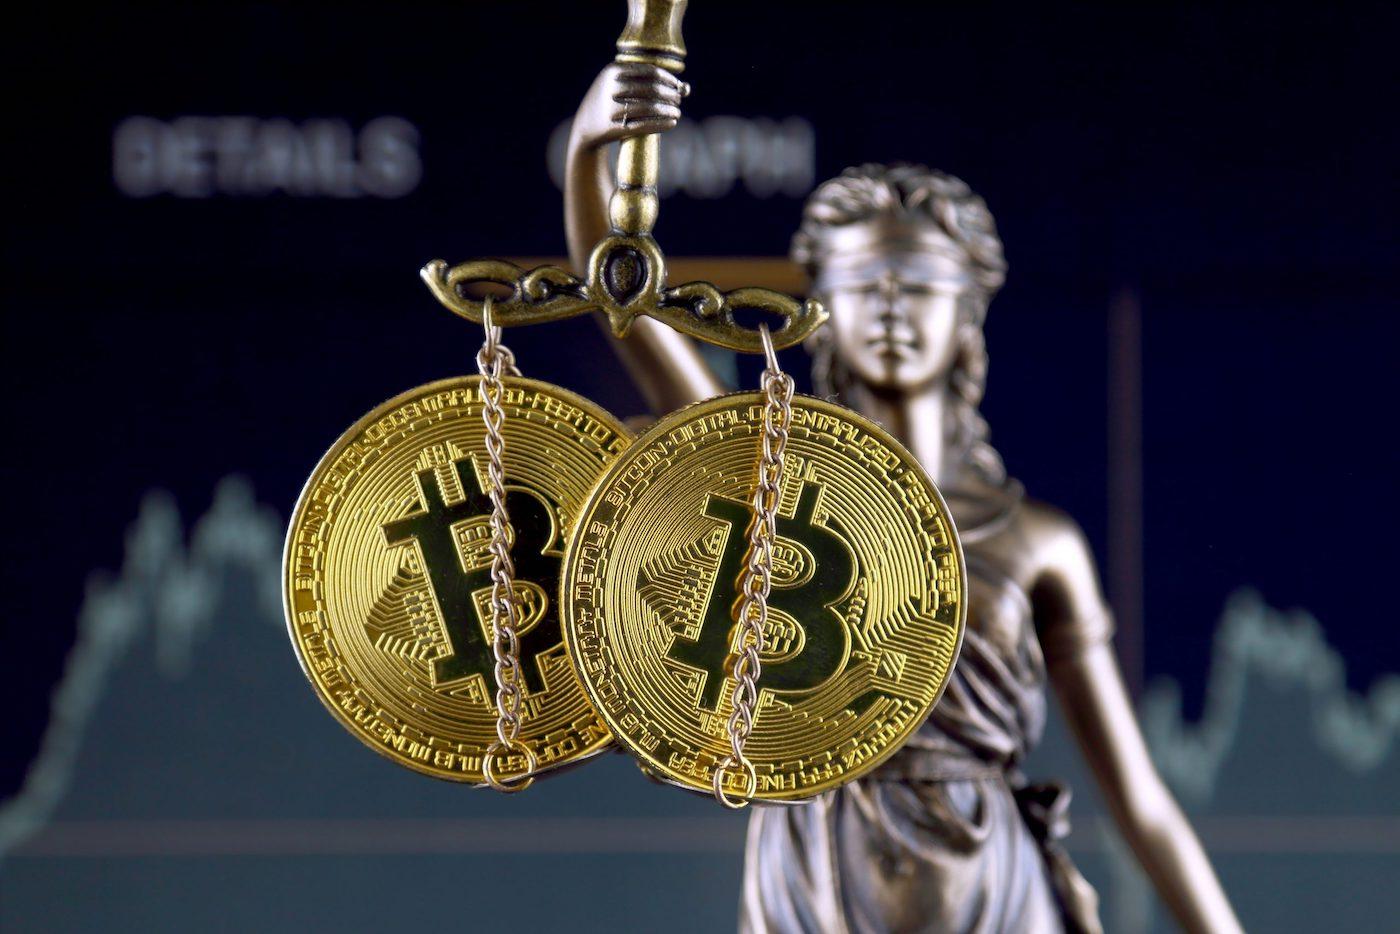 hukukta kripto para devrimi